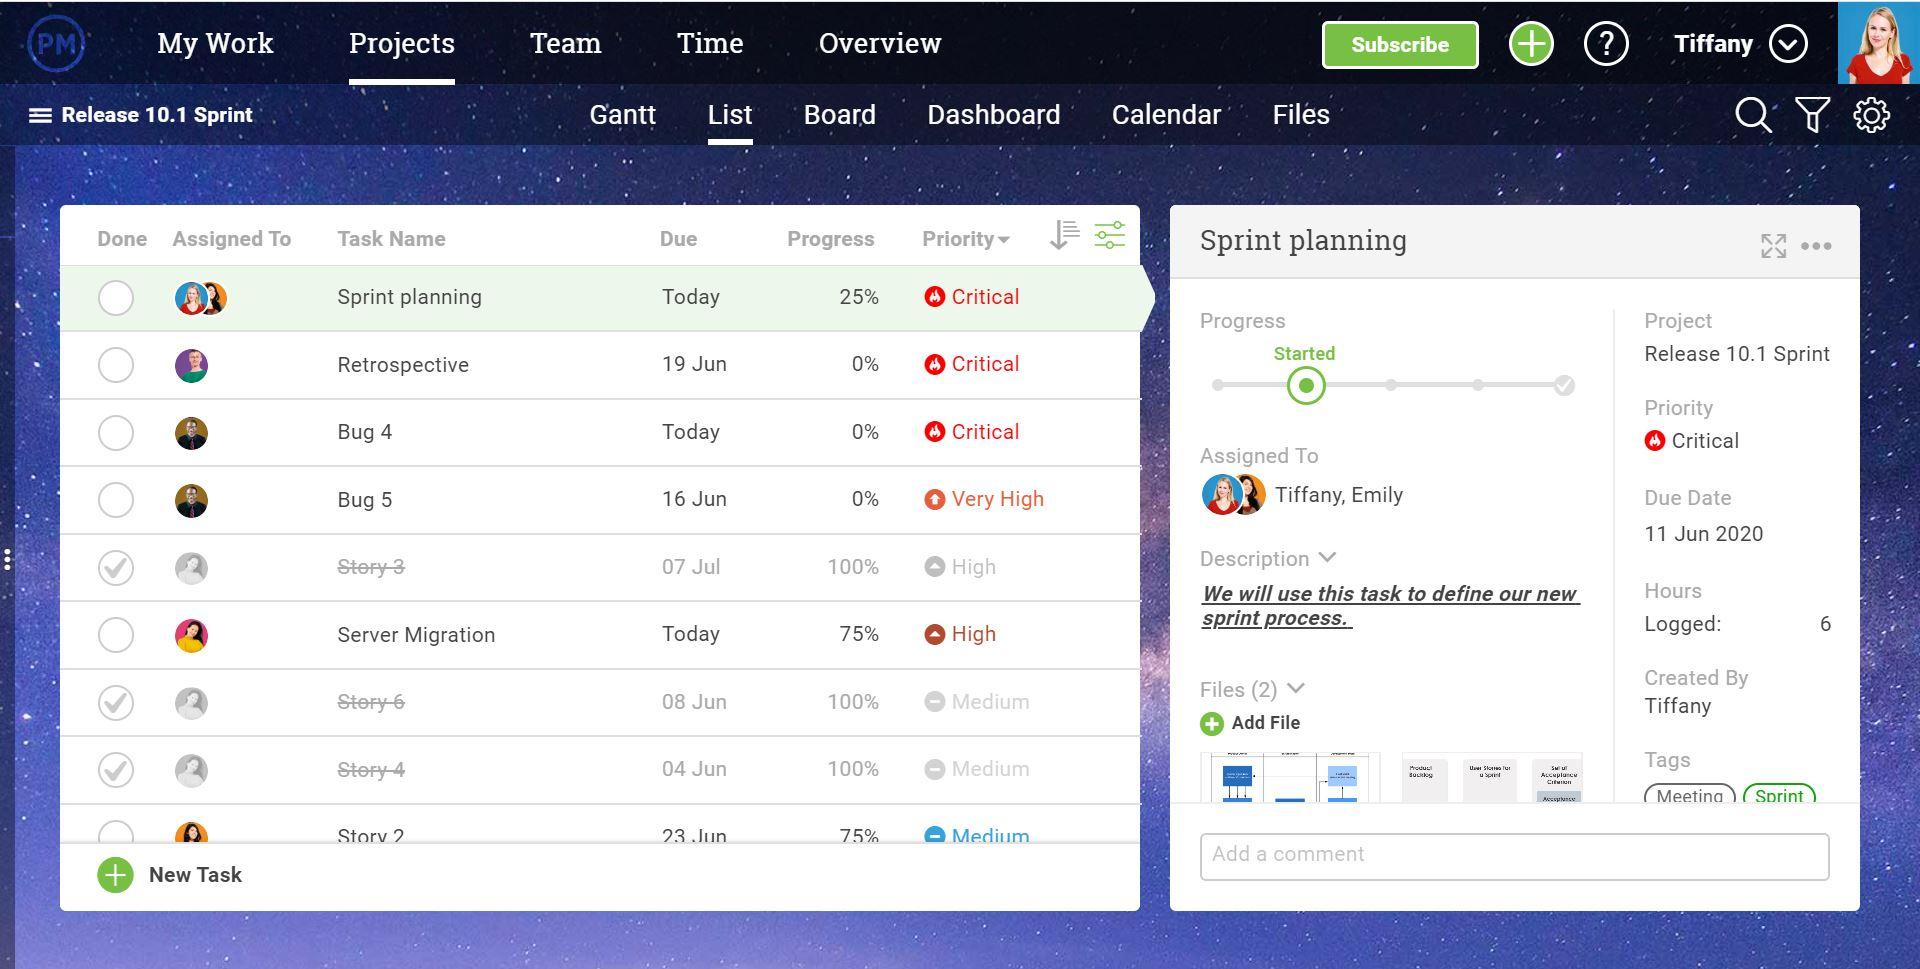 Una captura de pantalla de la capacidad de ProjectManager.com para que los equipos comentar sobre equipos